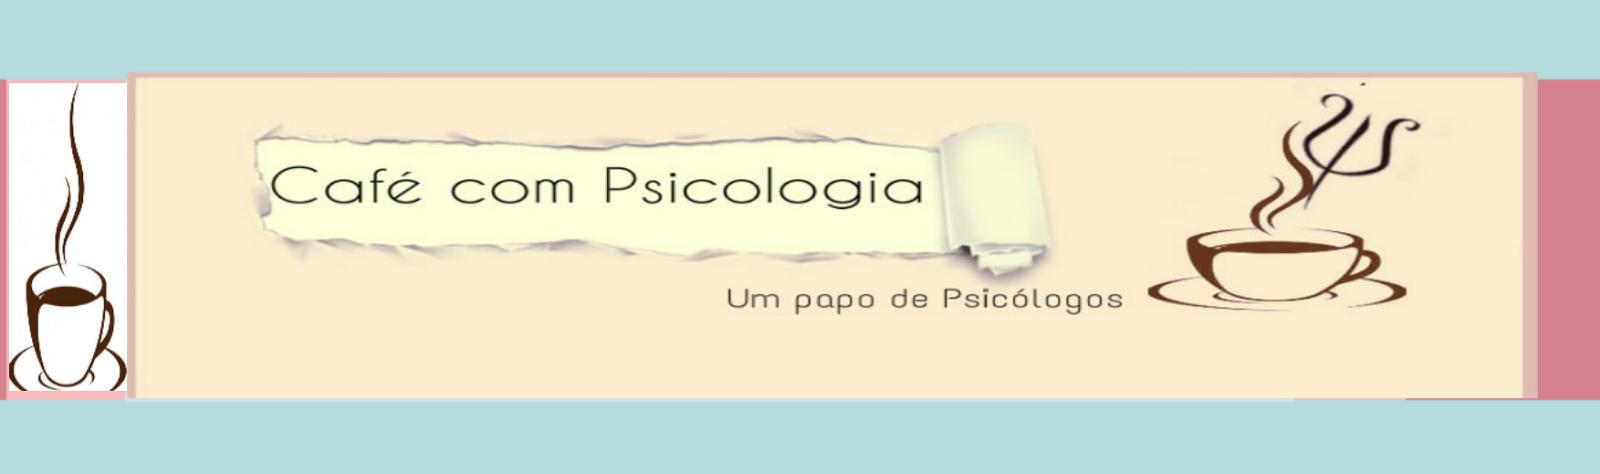 Café com Psicologia - Um papo de Psicólogo